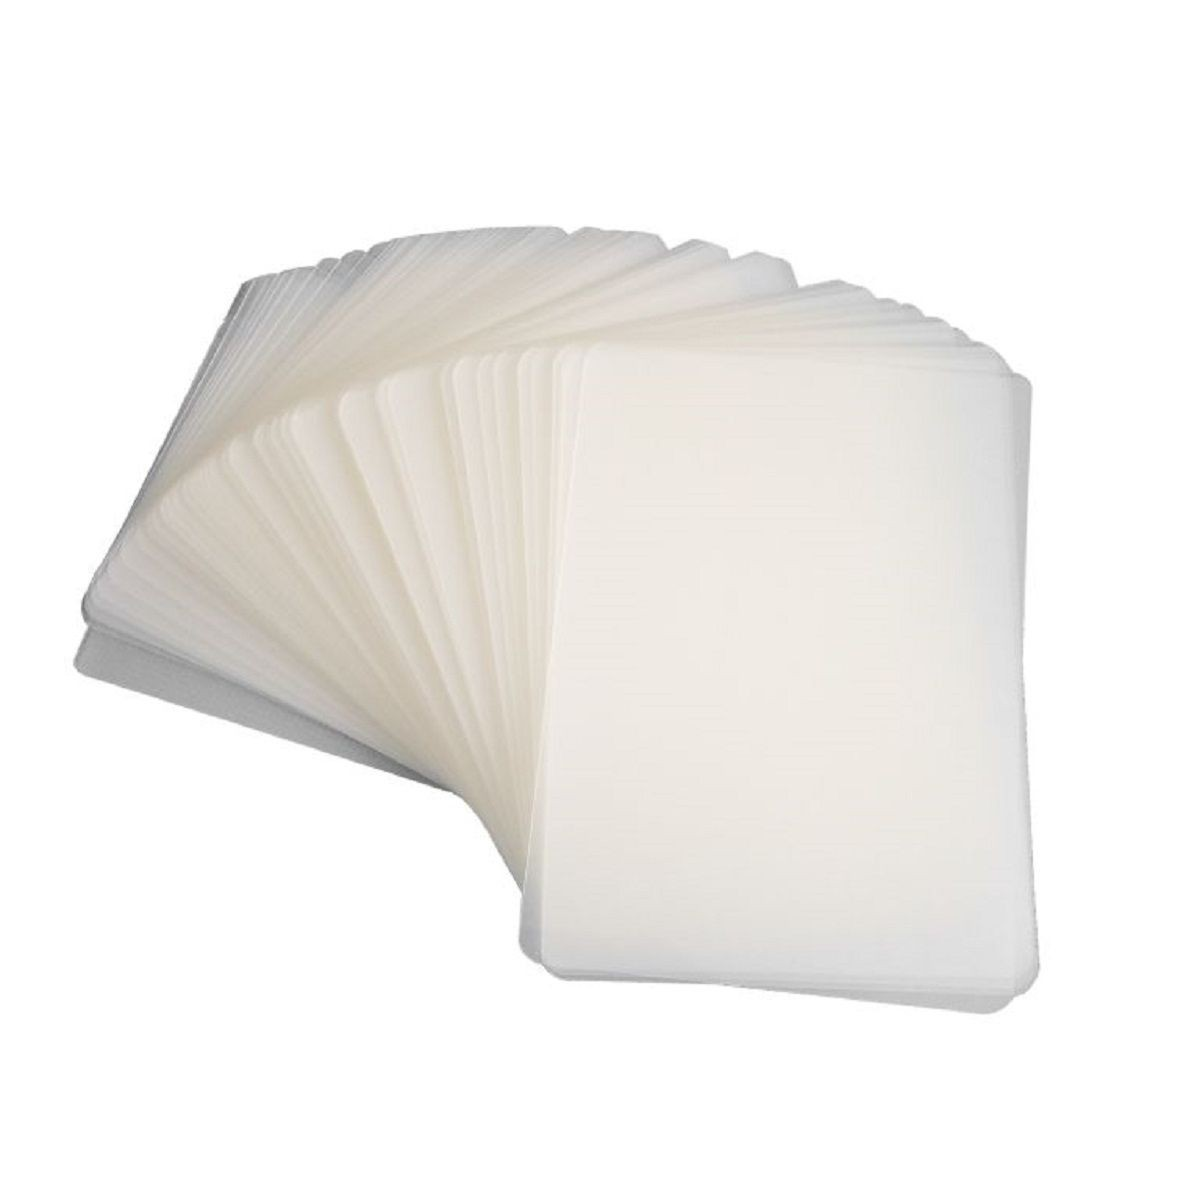 Kit 1000 Plasticos Polaseal para Plastificação CPF 66x99x0,07mm (175 micras)  - Click Suprimentos